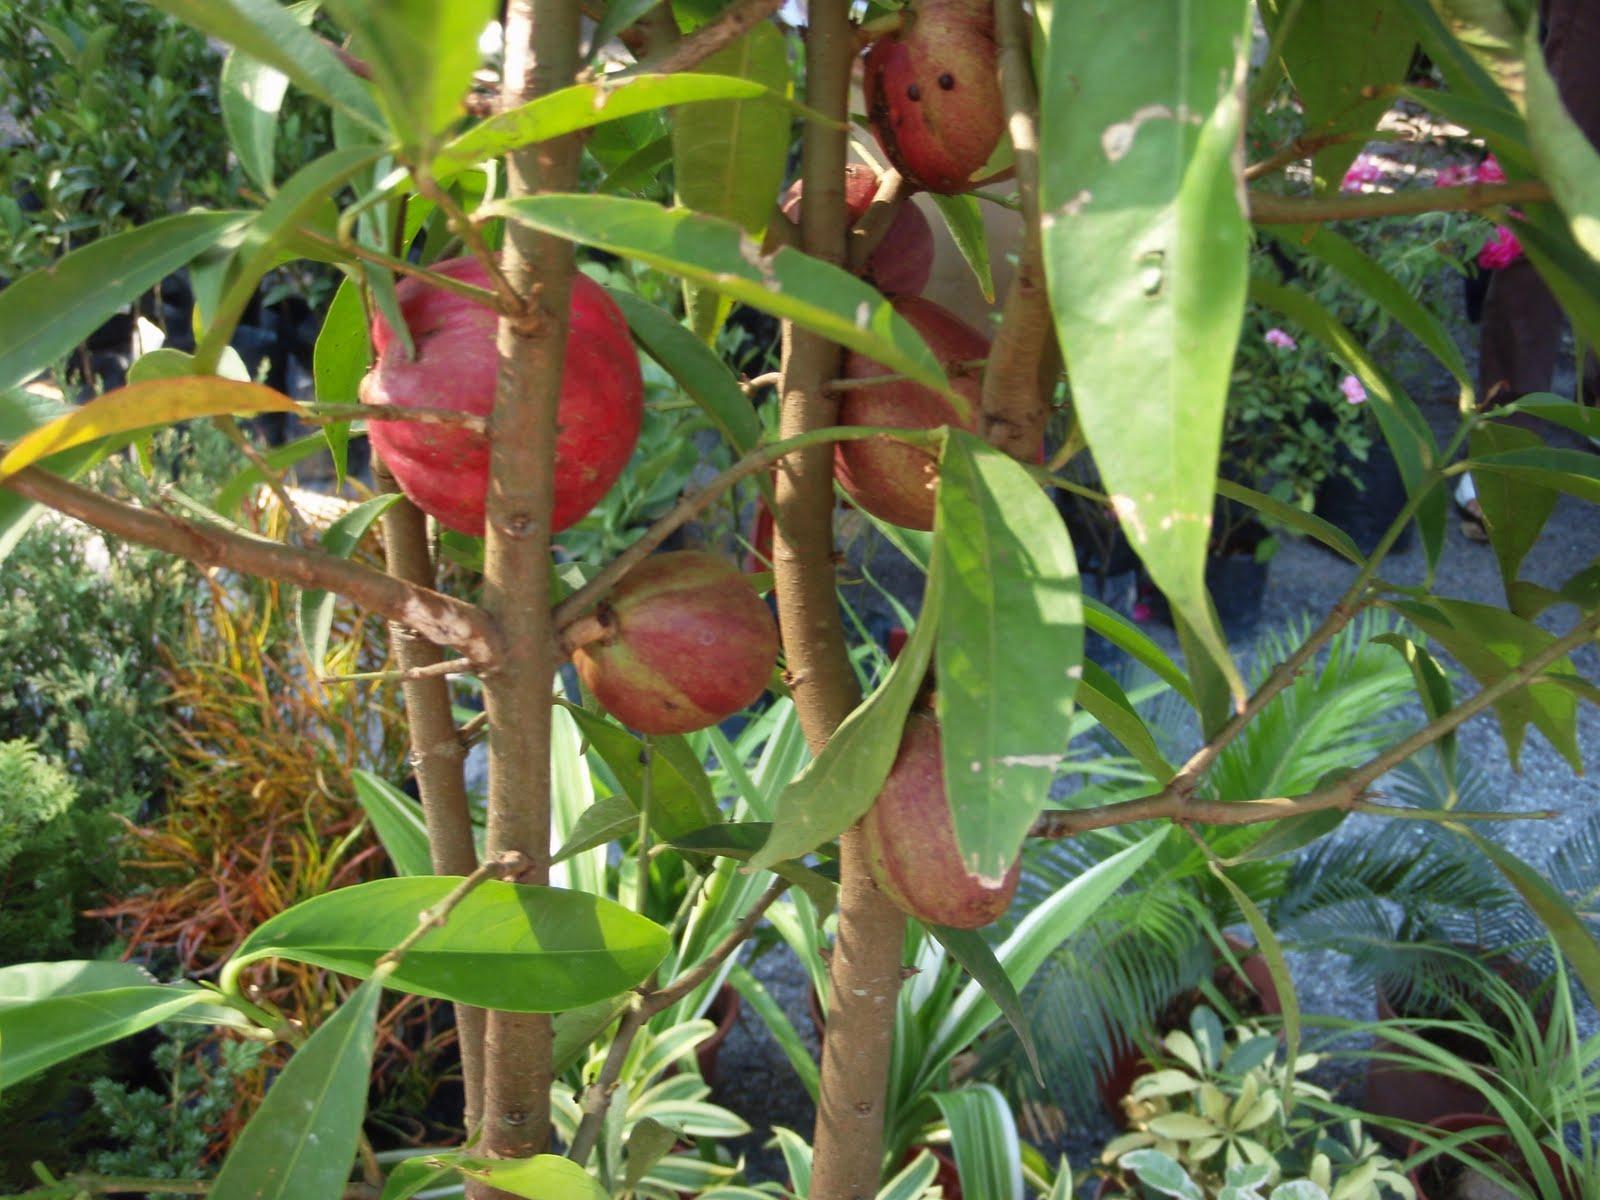 My little vegetable garden: Mahkota Dewa (Phaleria macrocarpa)